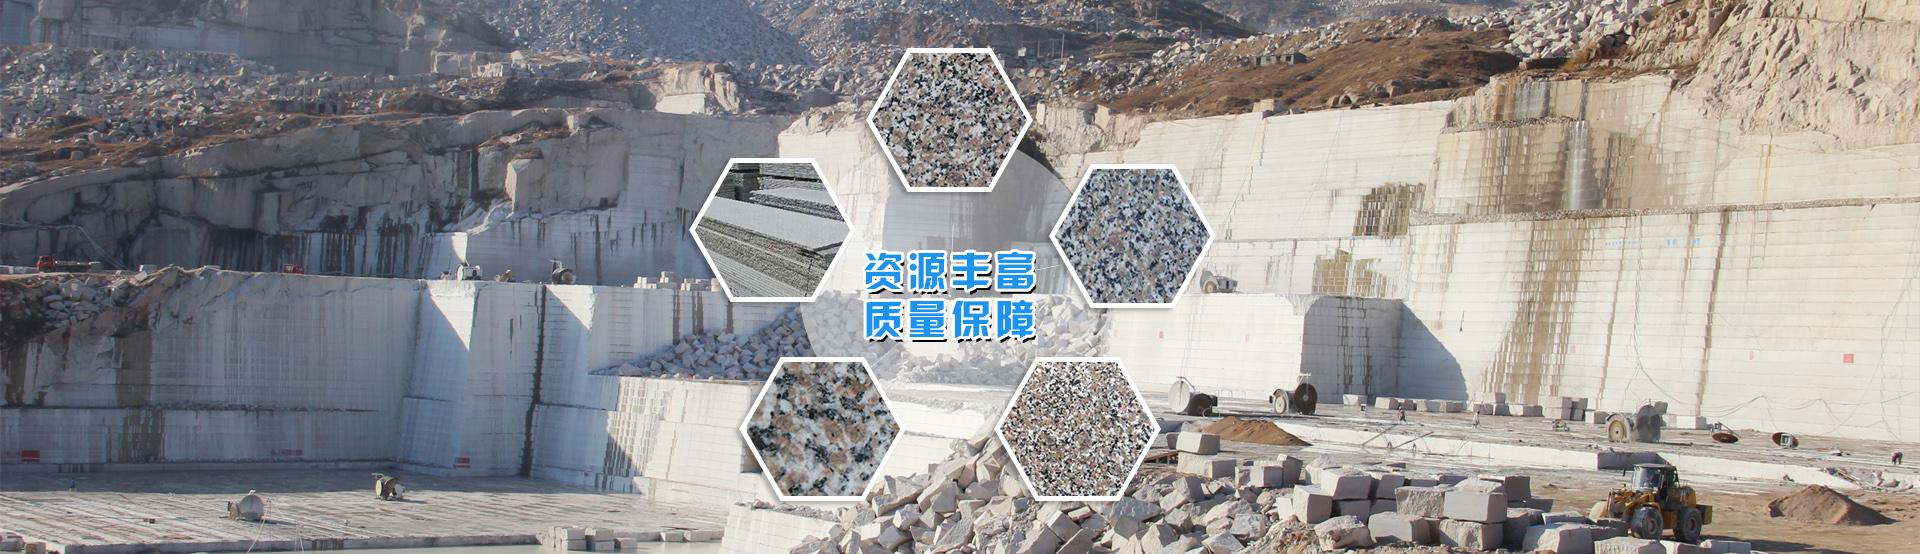 五蓮紅石材廠家